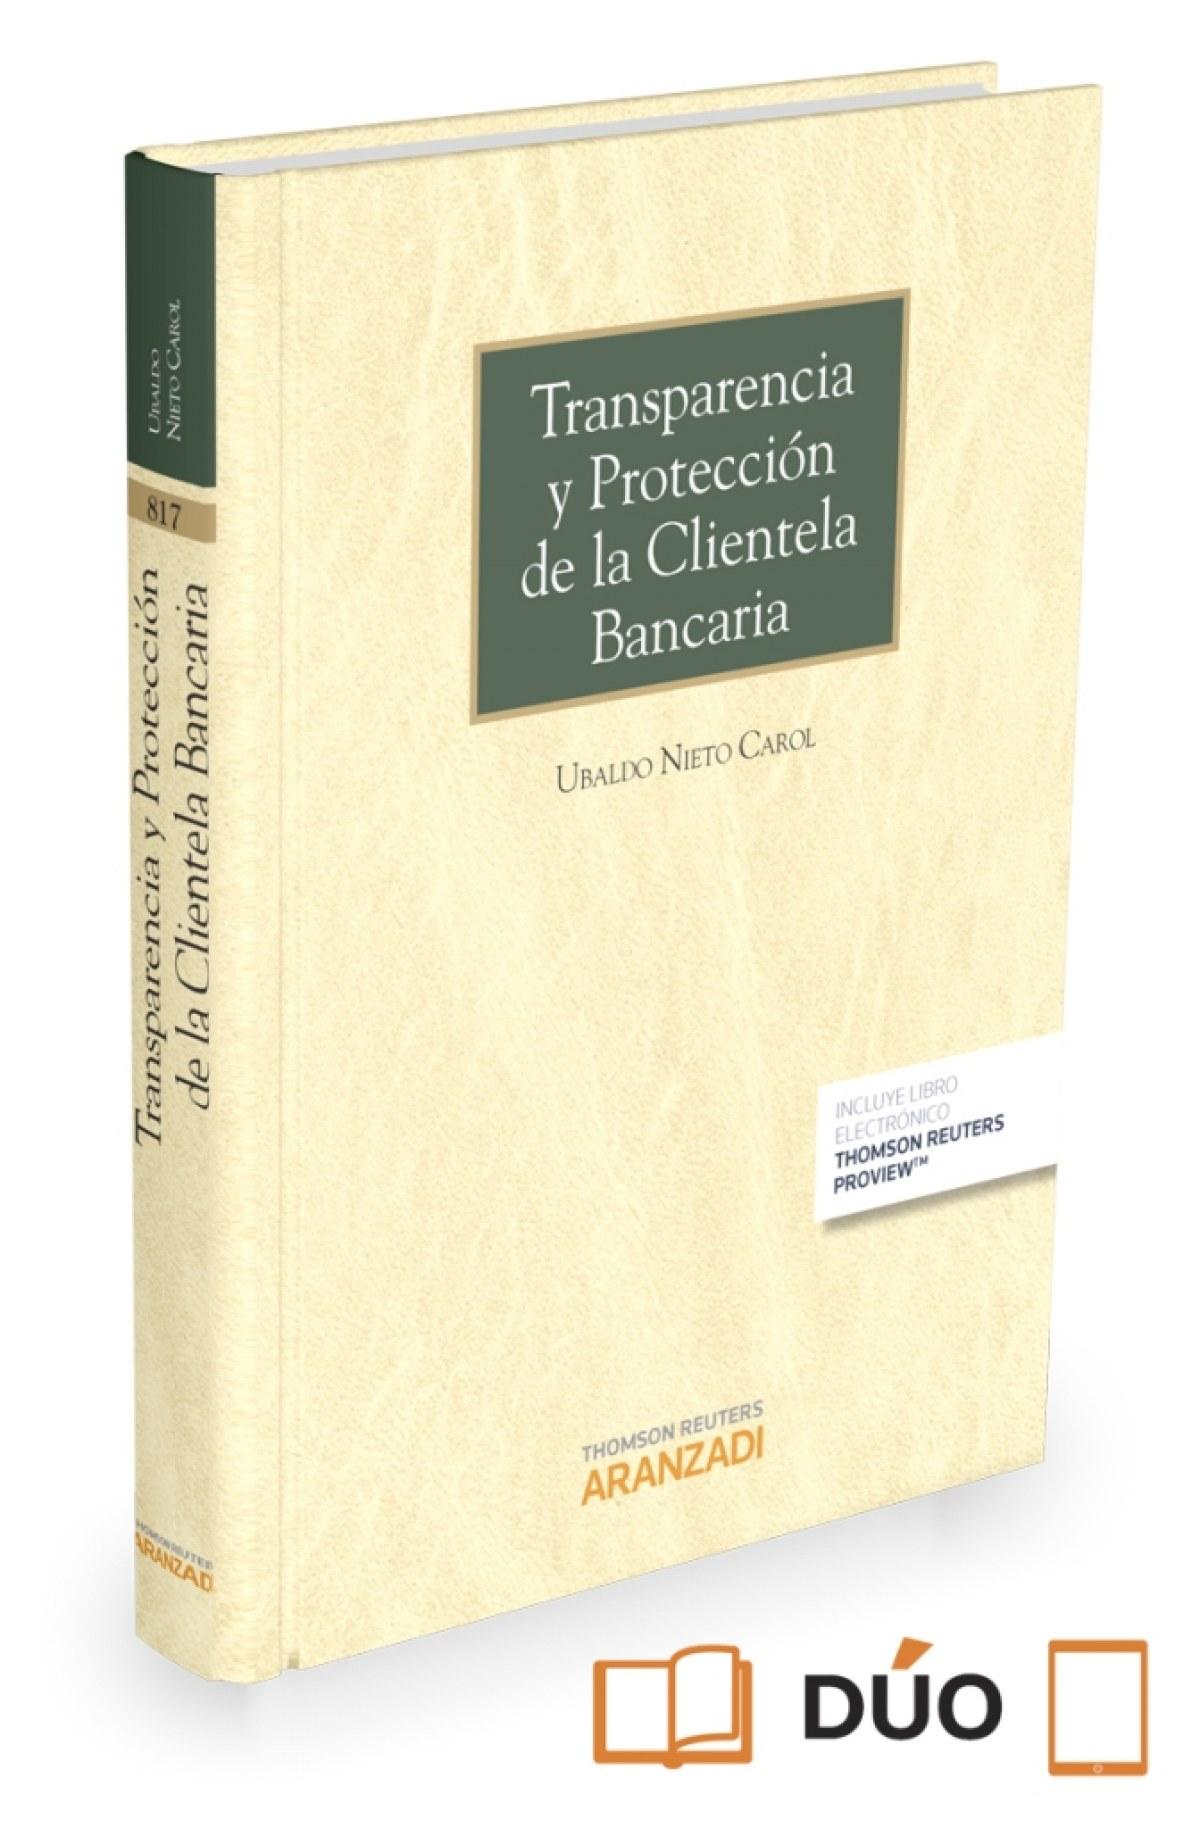 Transparencia y protección de la clientela bancaria